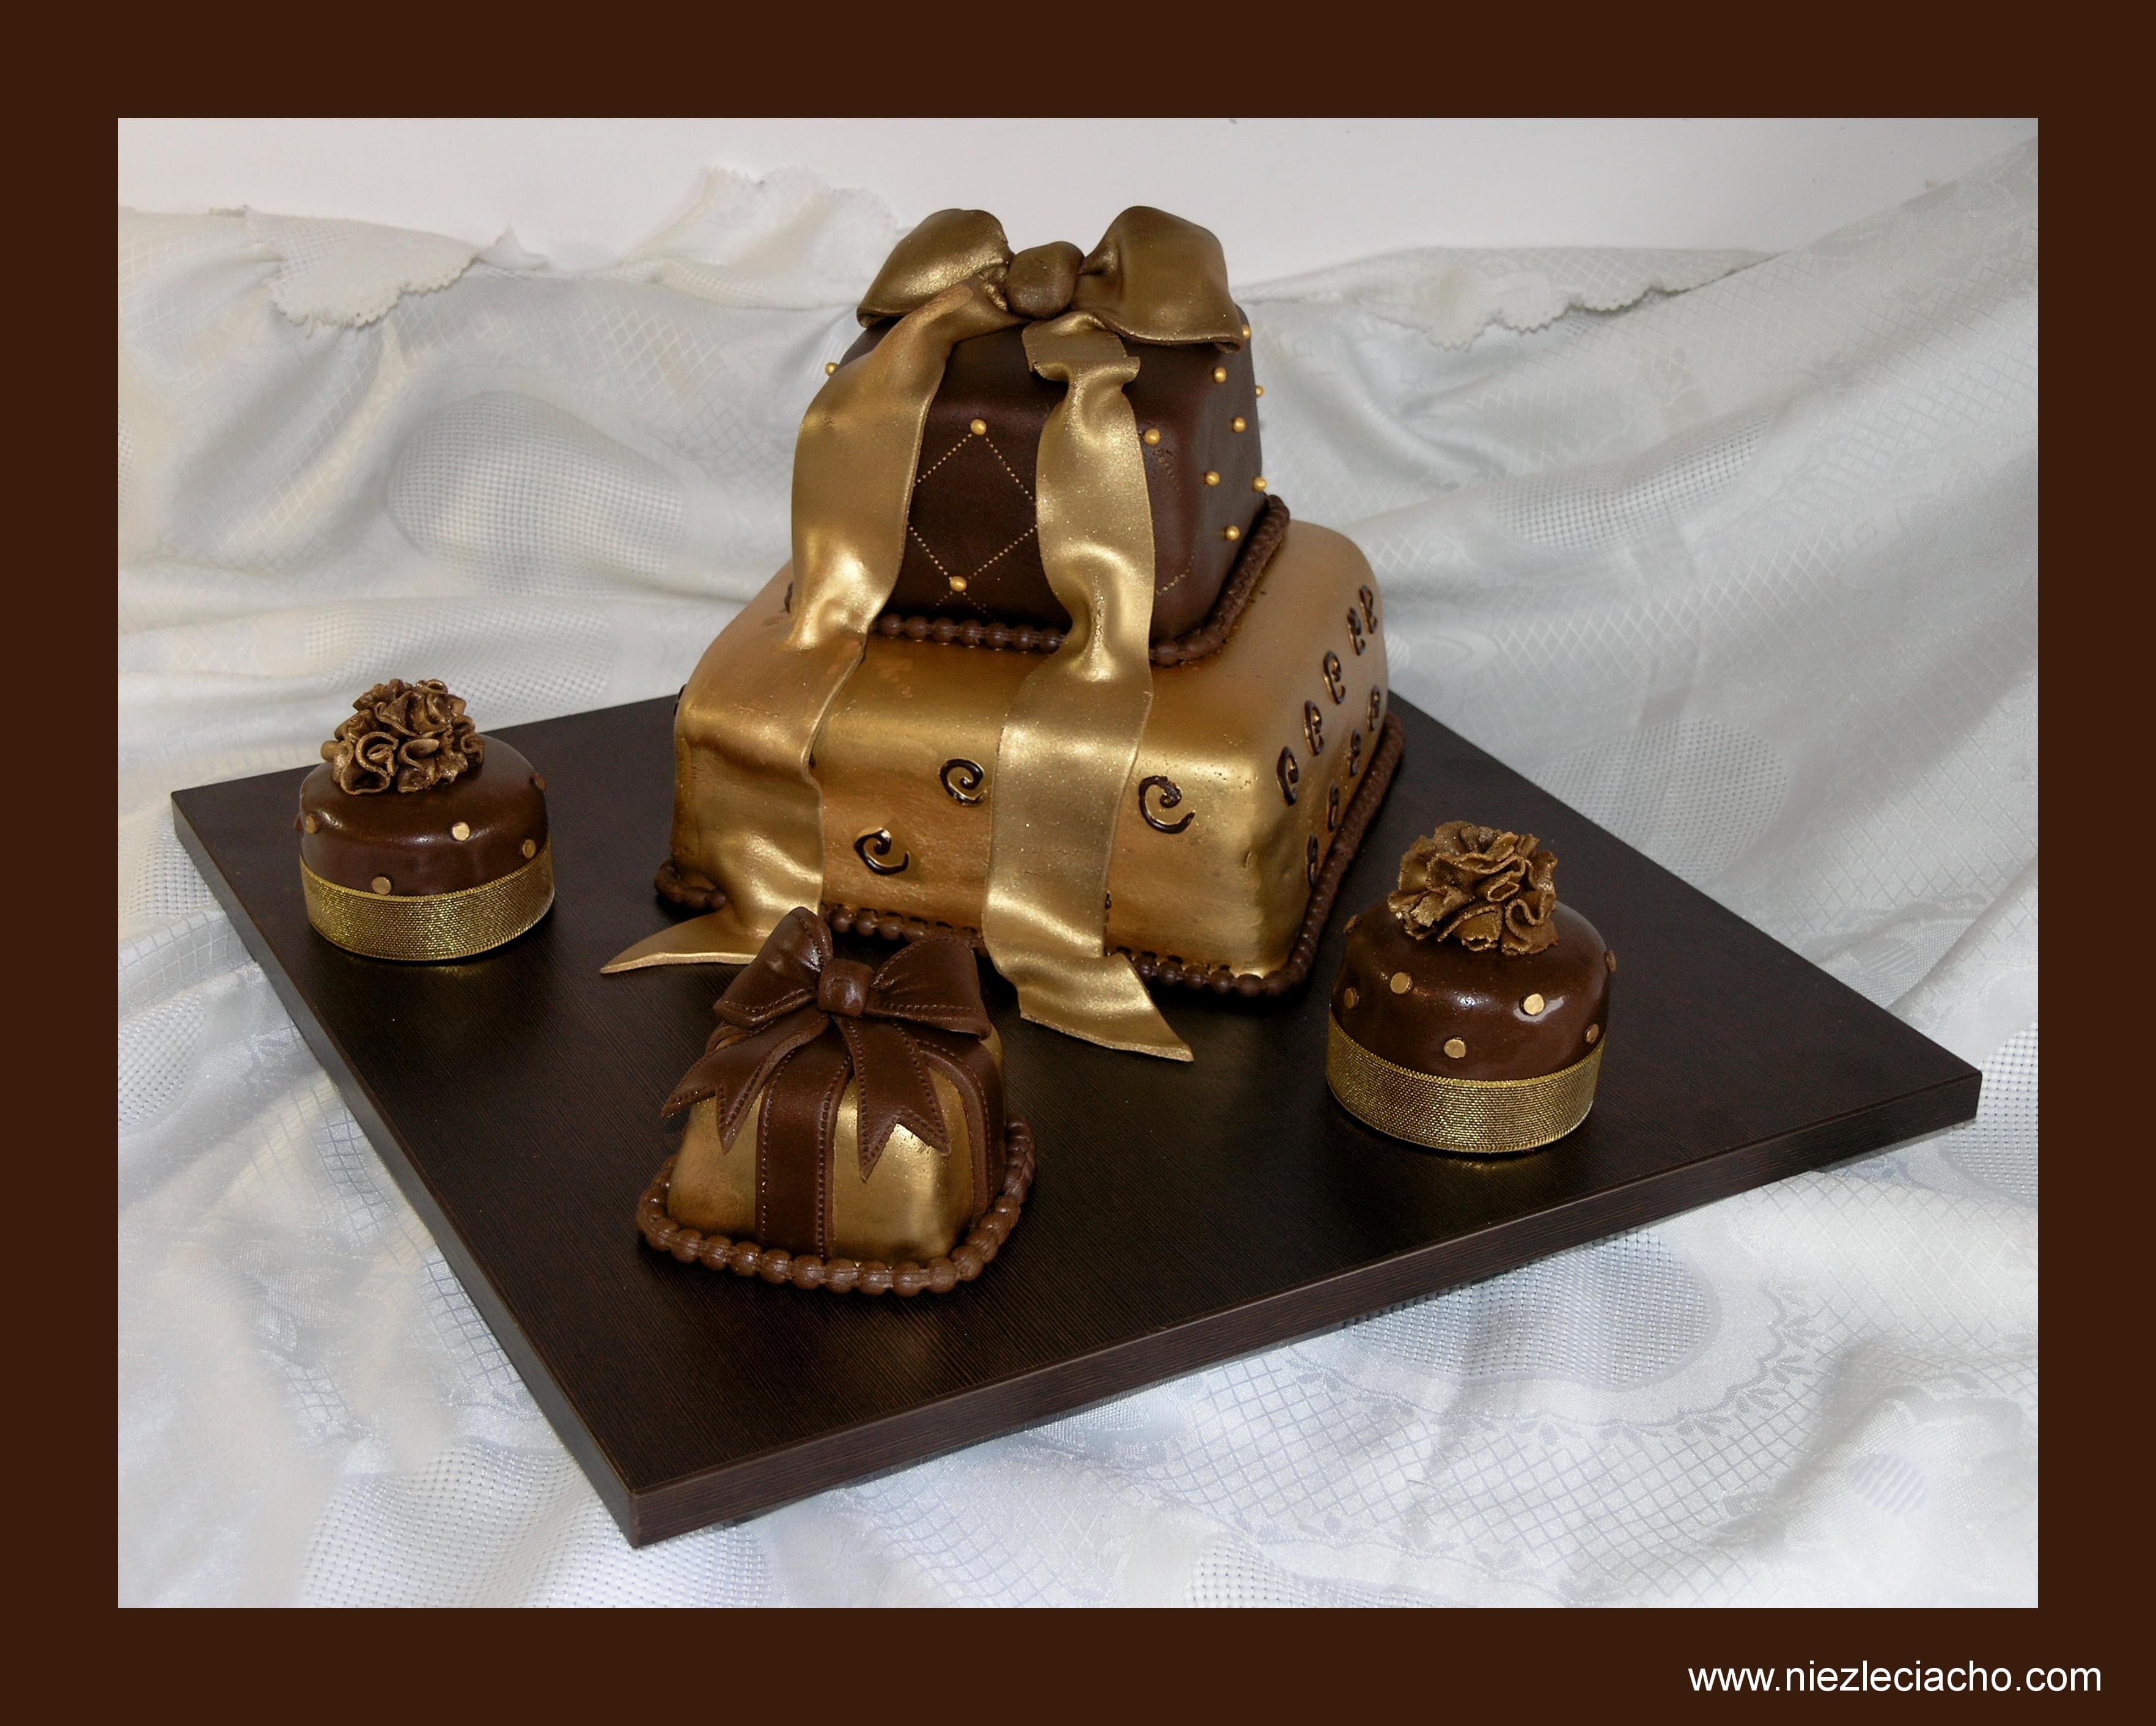 złoty tort artystyczne rzeźbione wesele ślub 2013 sugarcrafting muffinki 2013 wesele ślub